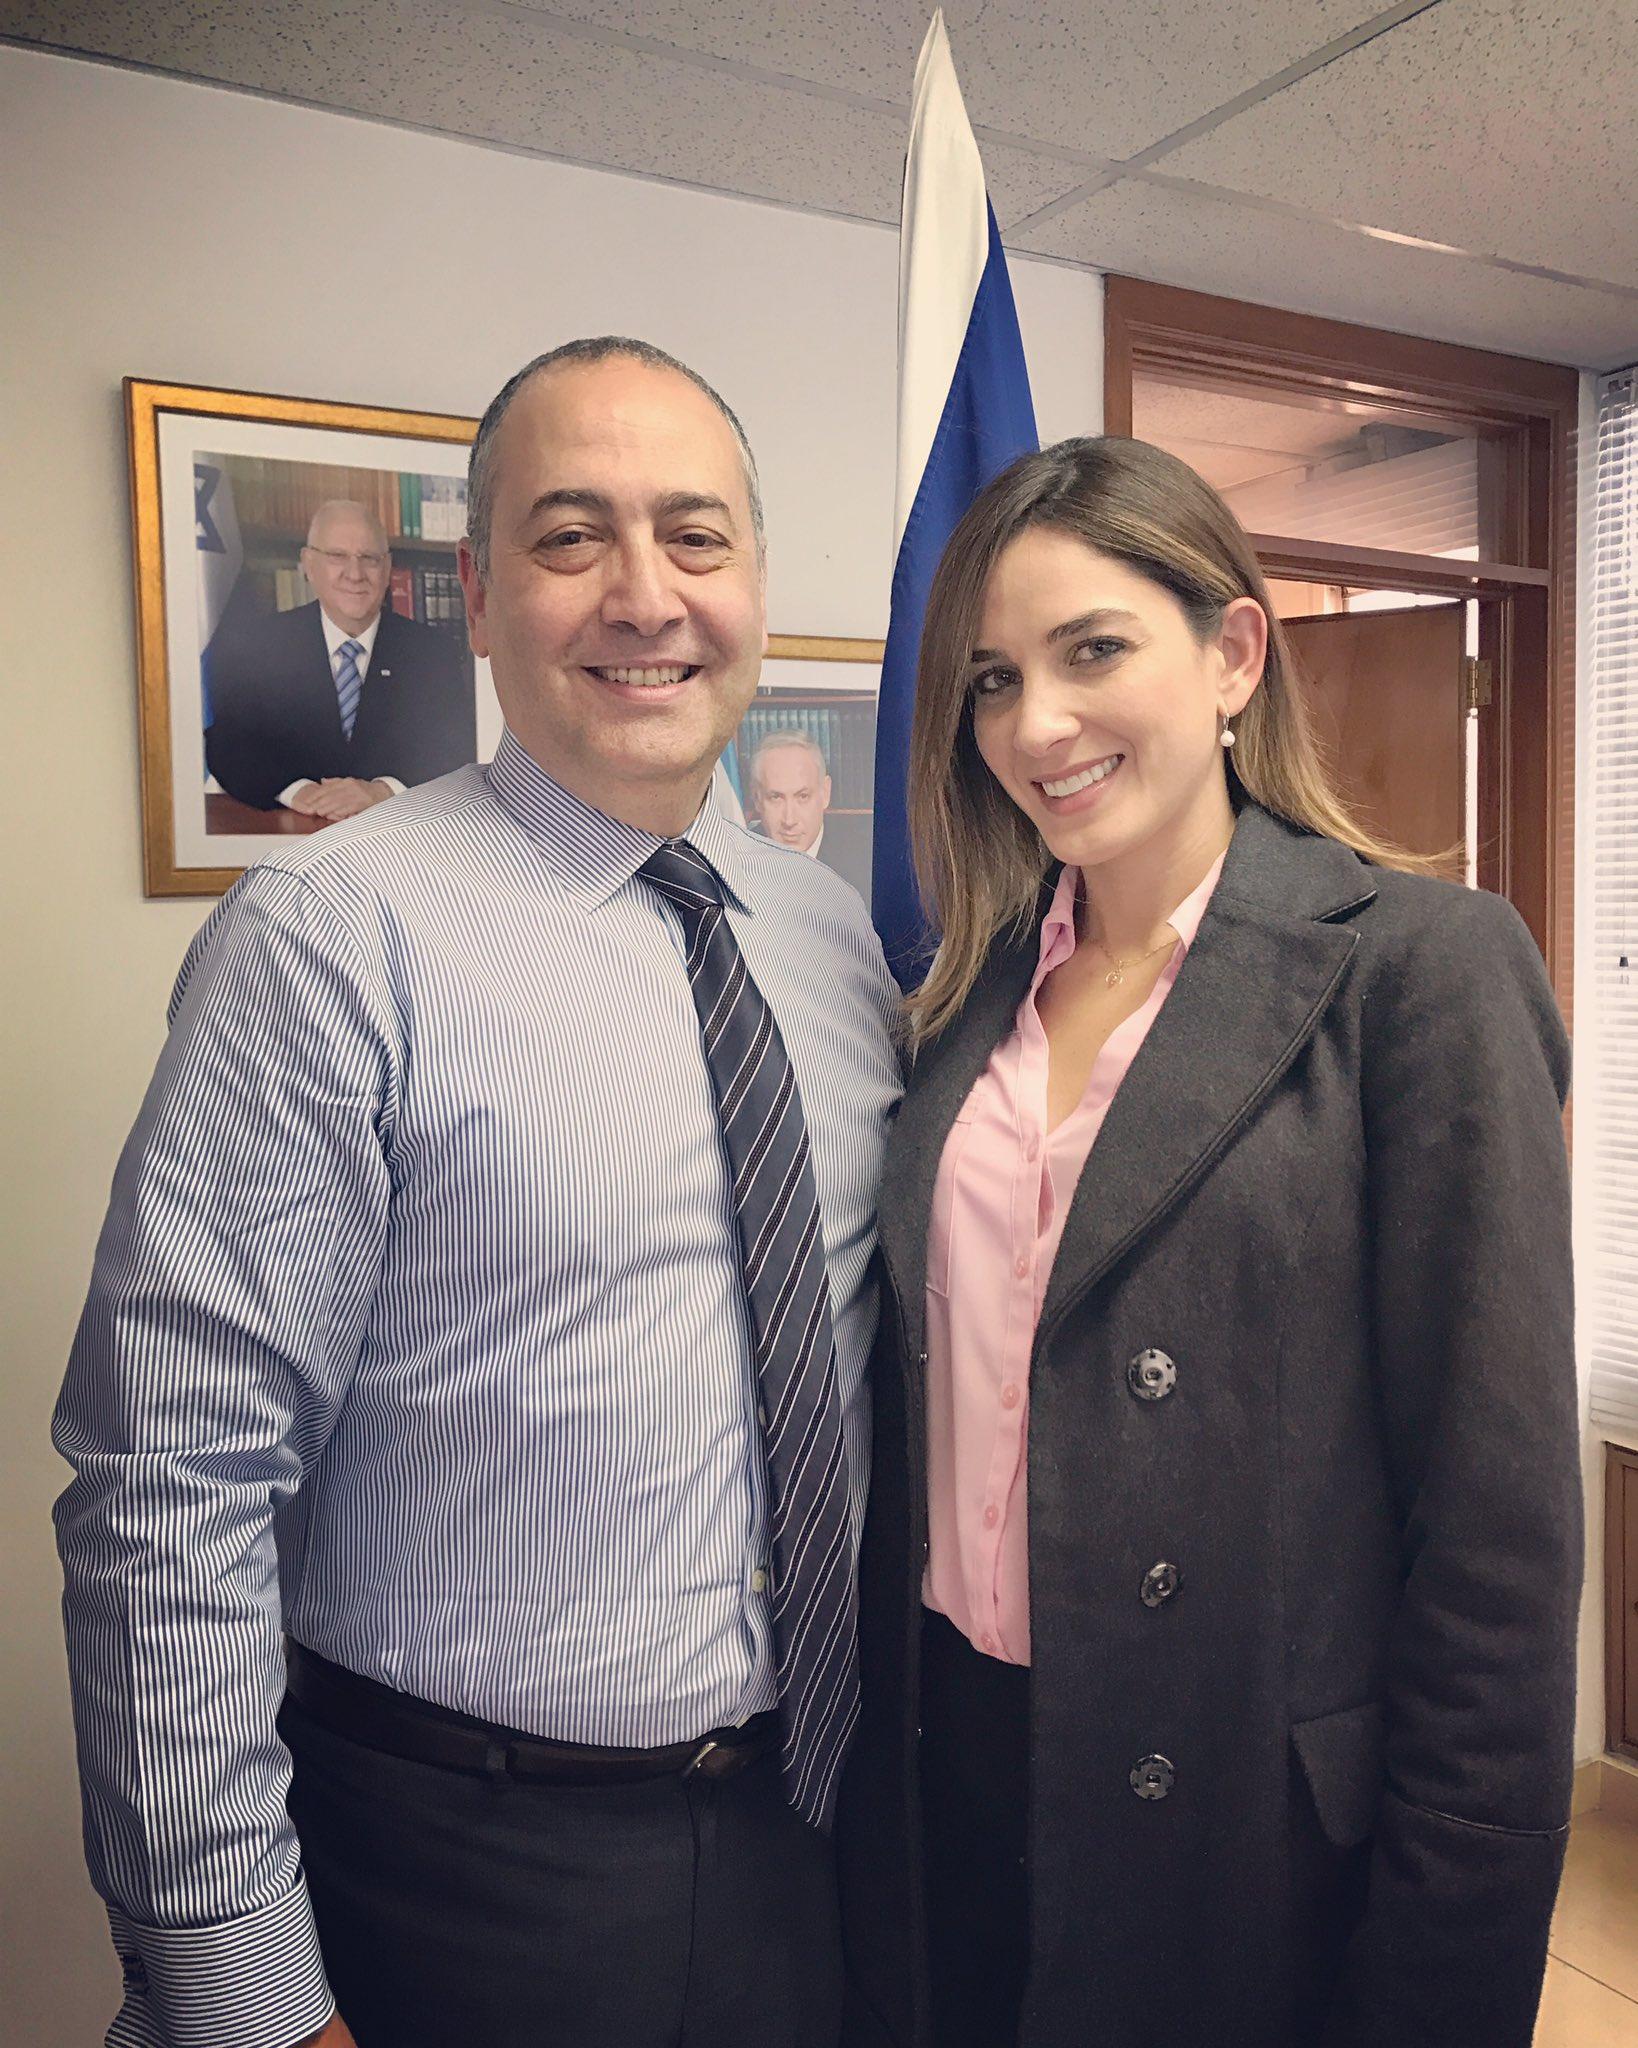 El embajador de #Israel @MarcoCSermoneta hablando de cooperación cultural con @AdrianaTarud  🇮🇱🇨🇴 https://t.co/48CAbZjpy2